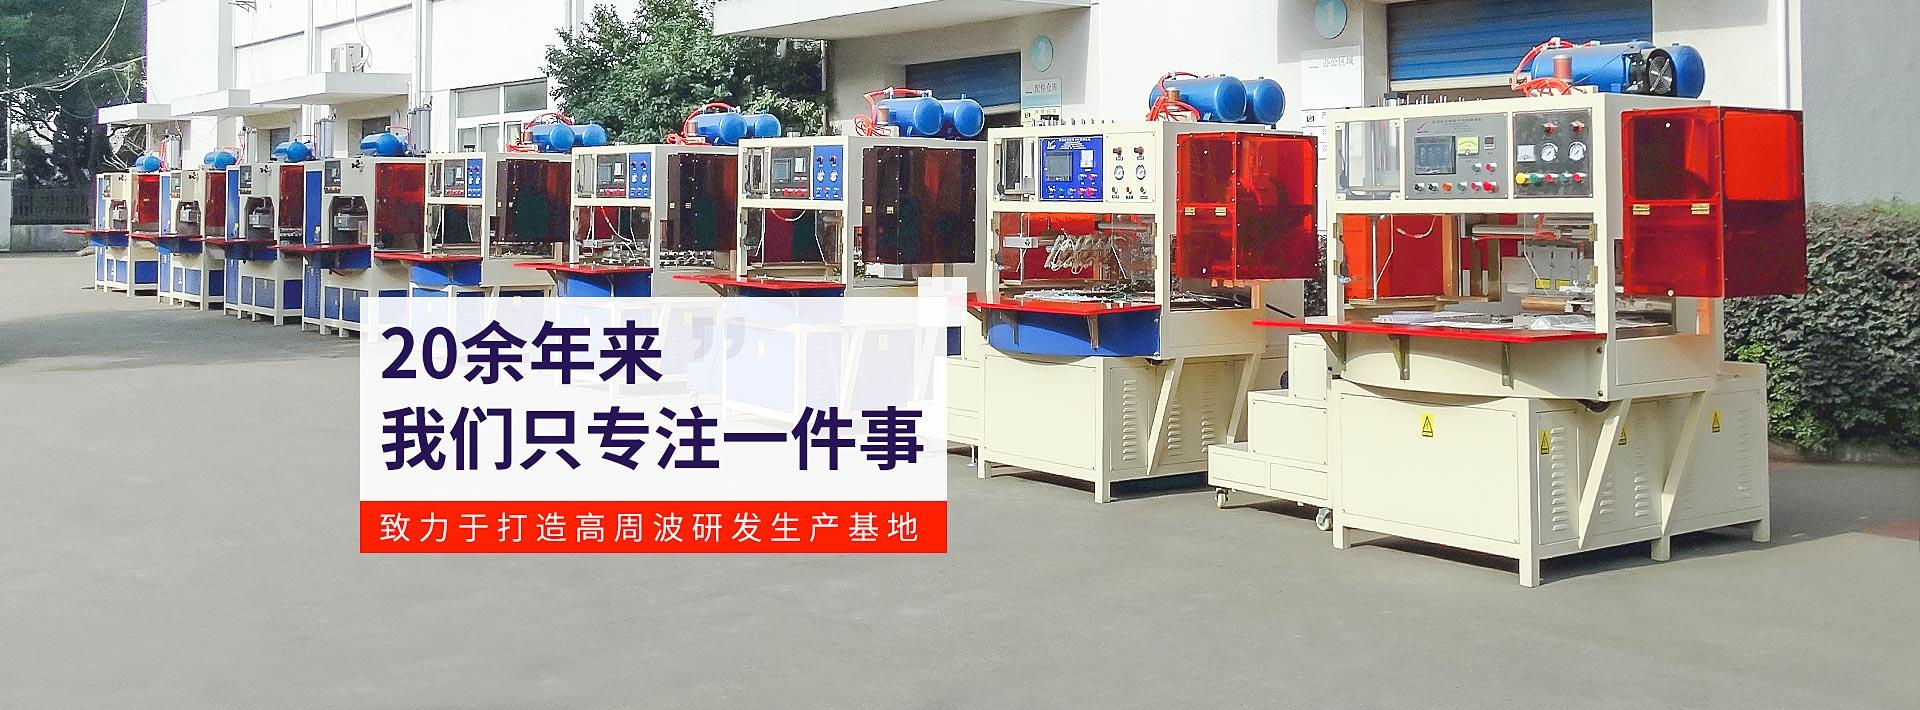 东雄致力于打造高周波研发生产基地